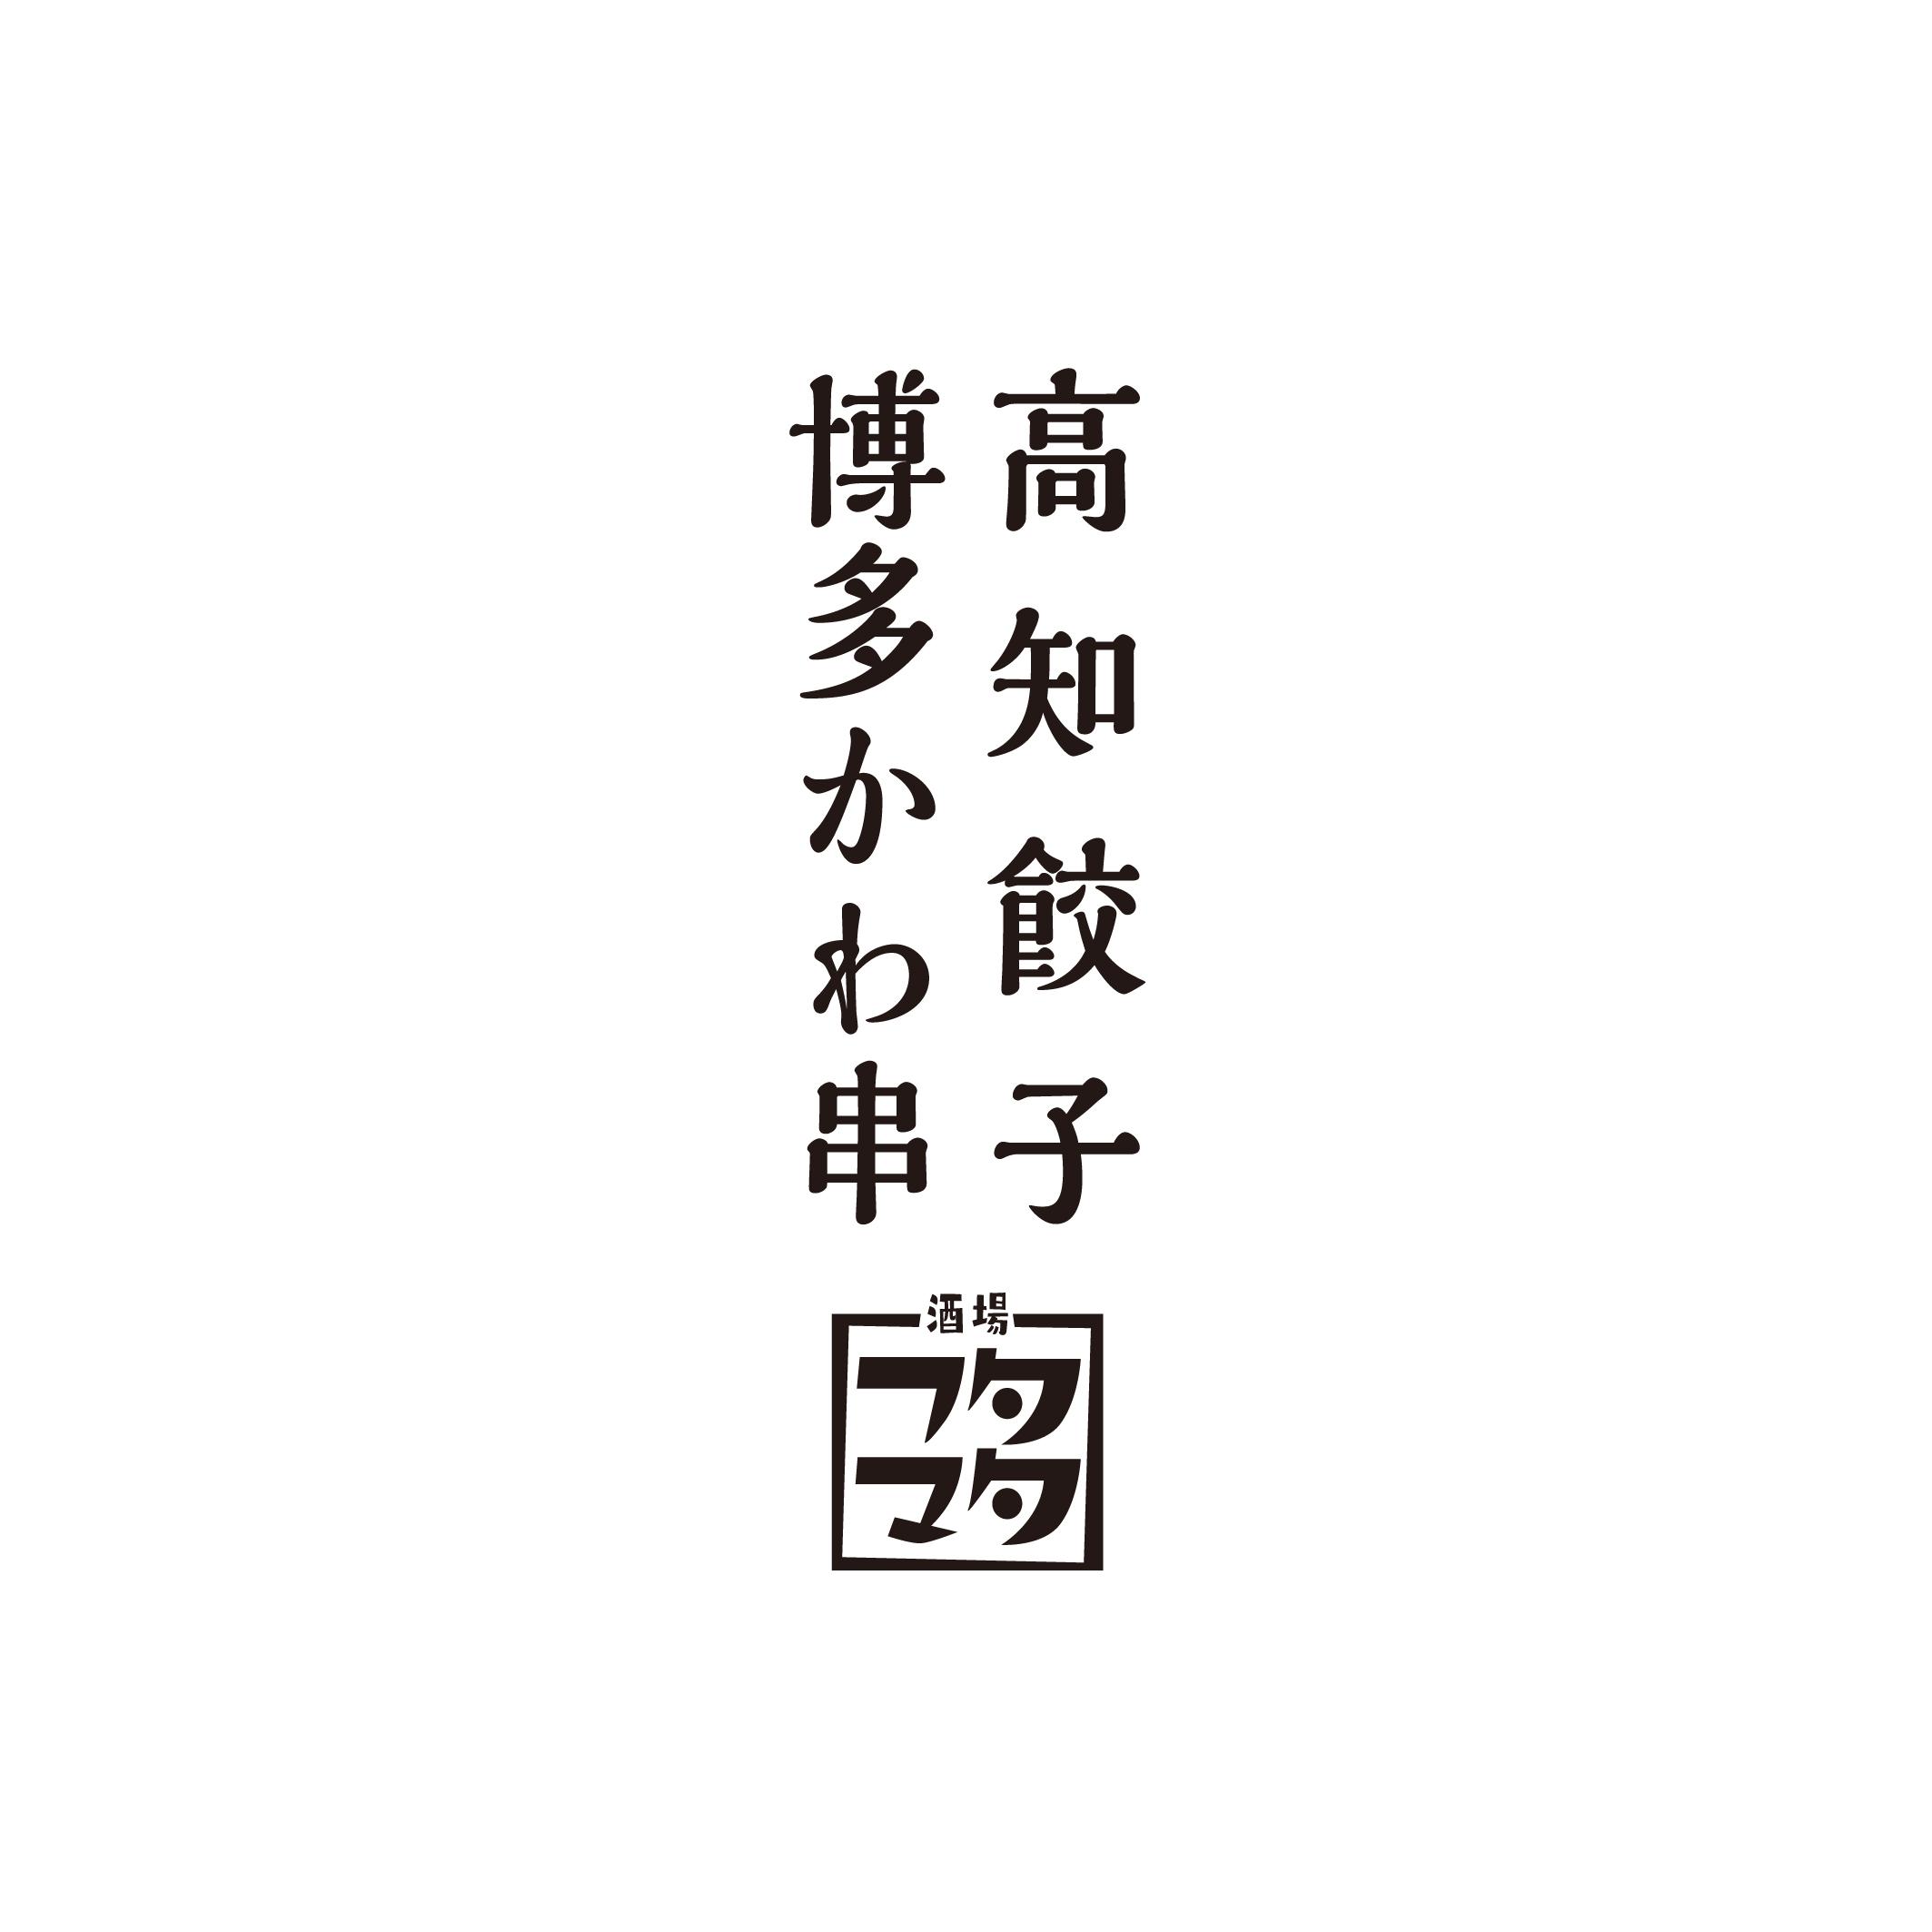 【新業態出店】二つの地域、二つの食材をキラーコンテンツとした新しいハイブリッド酒場『博多かわ串・高知餃子 酒場フタマタ 新橋店』8月2日(金)オープン!